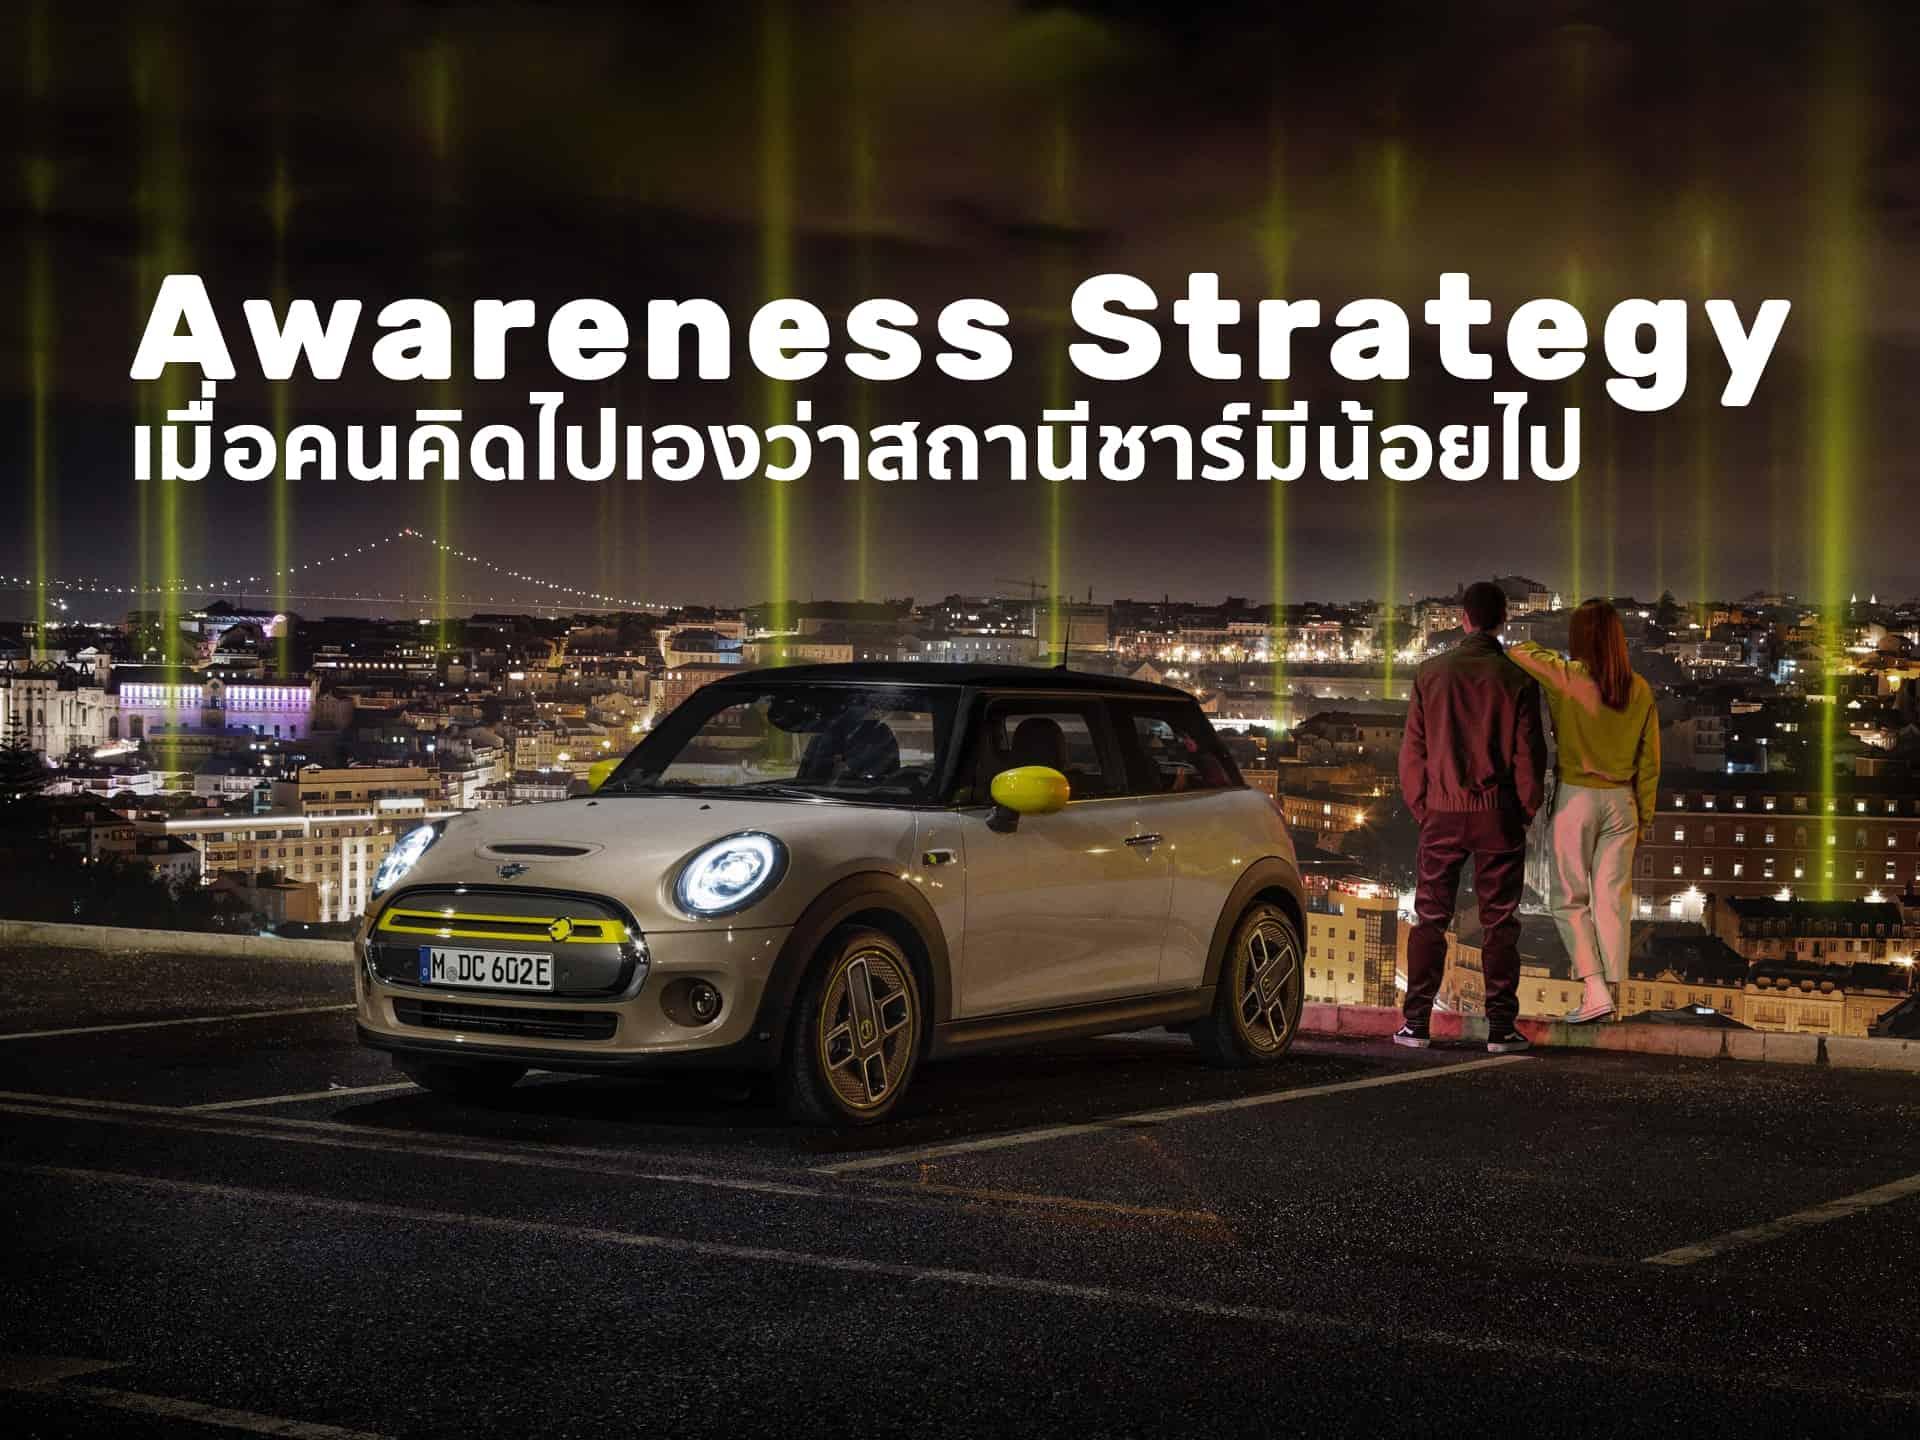 แคมเปญการตลาด Awareness Strategy ที่คนมีต่อสถานีชาร์จไฟ จาก MINI EV